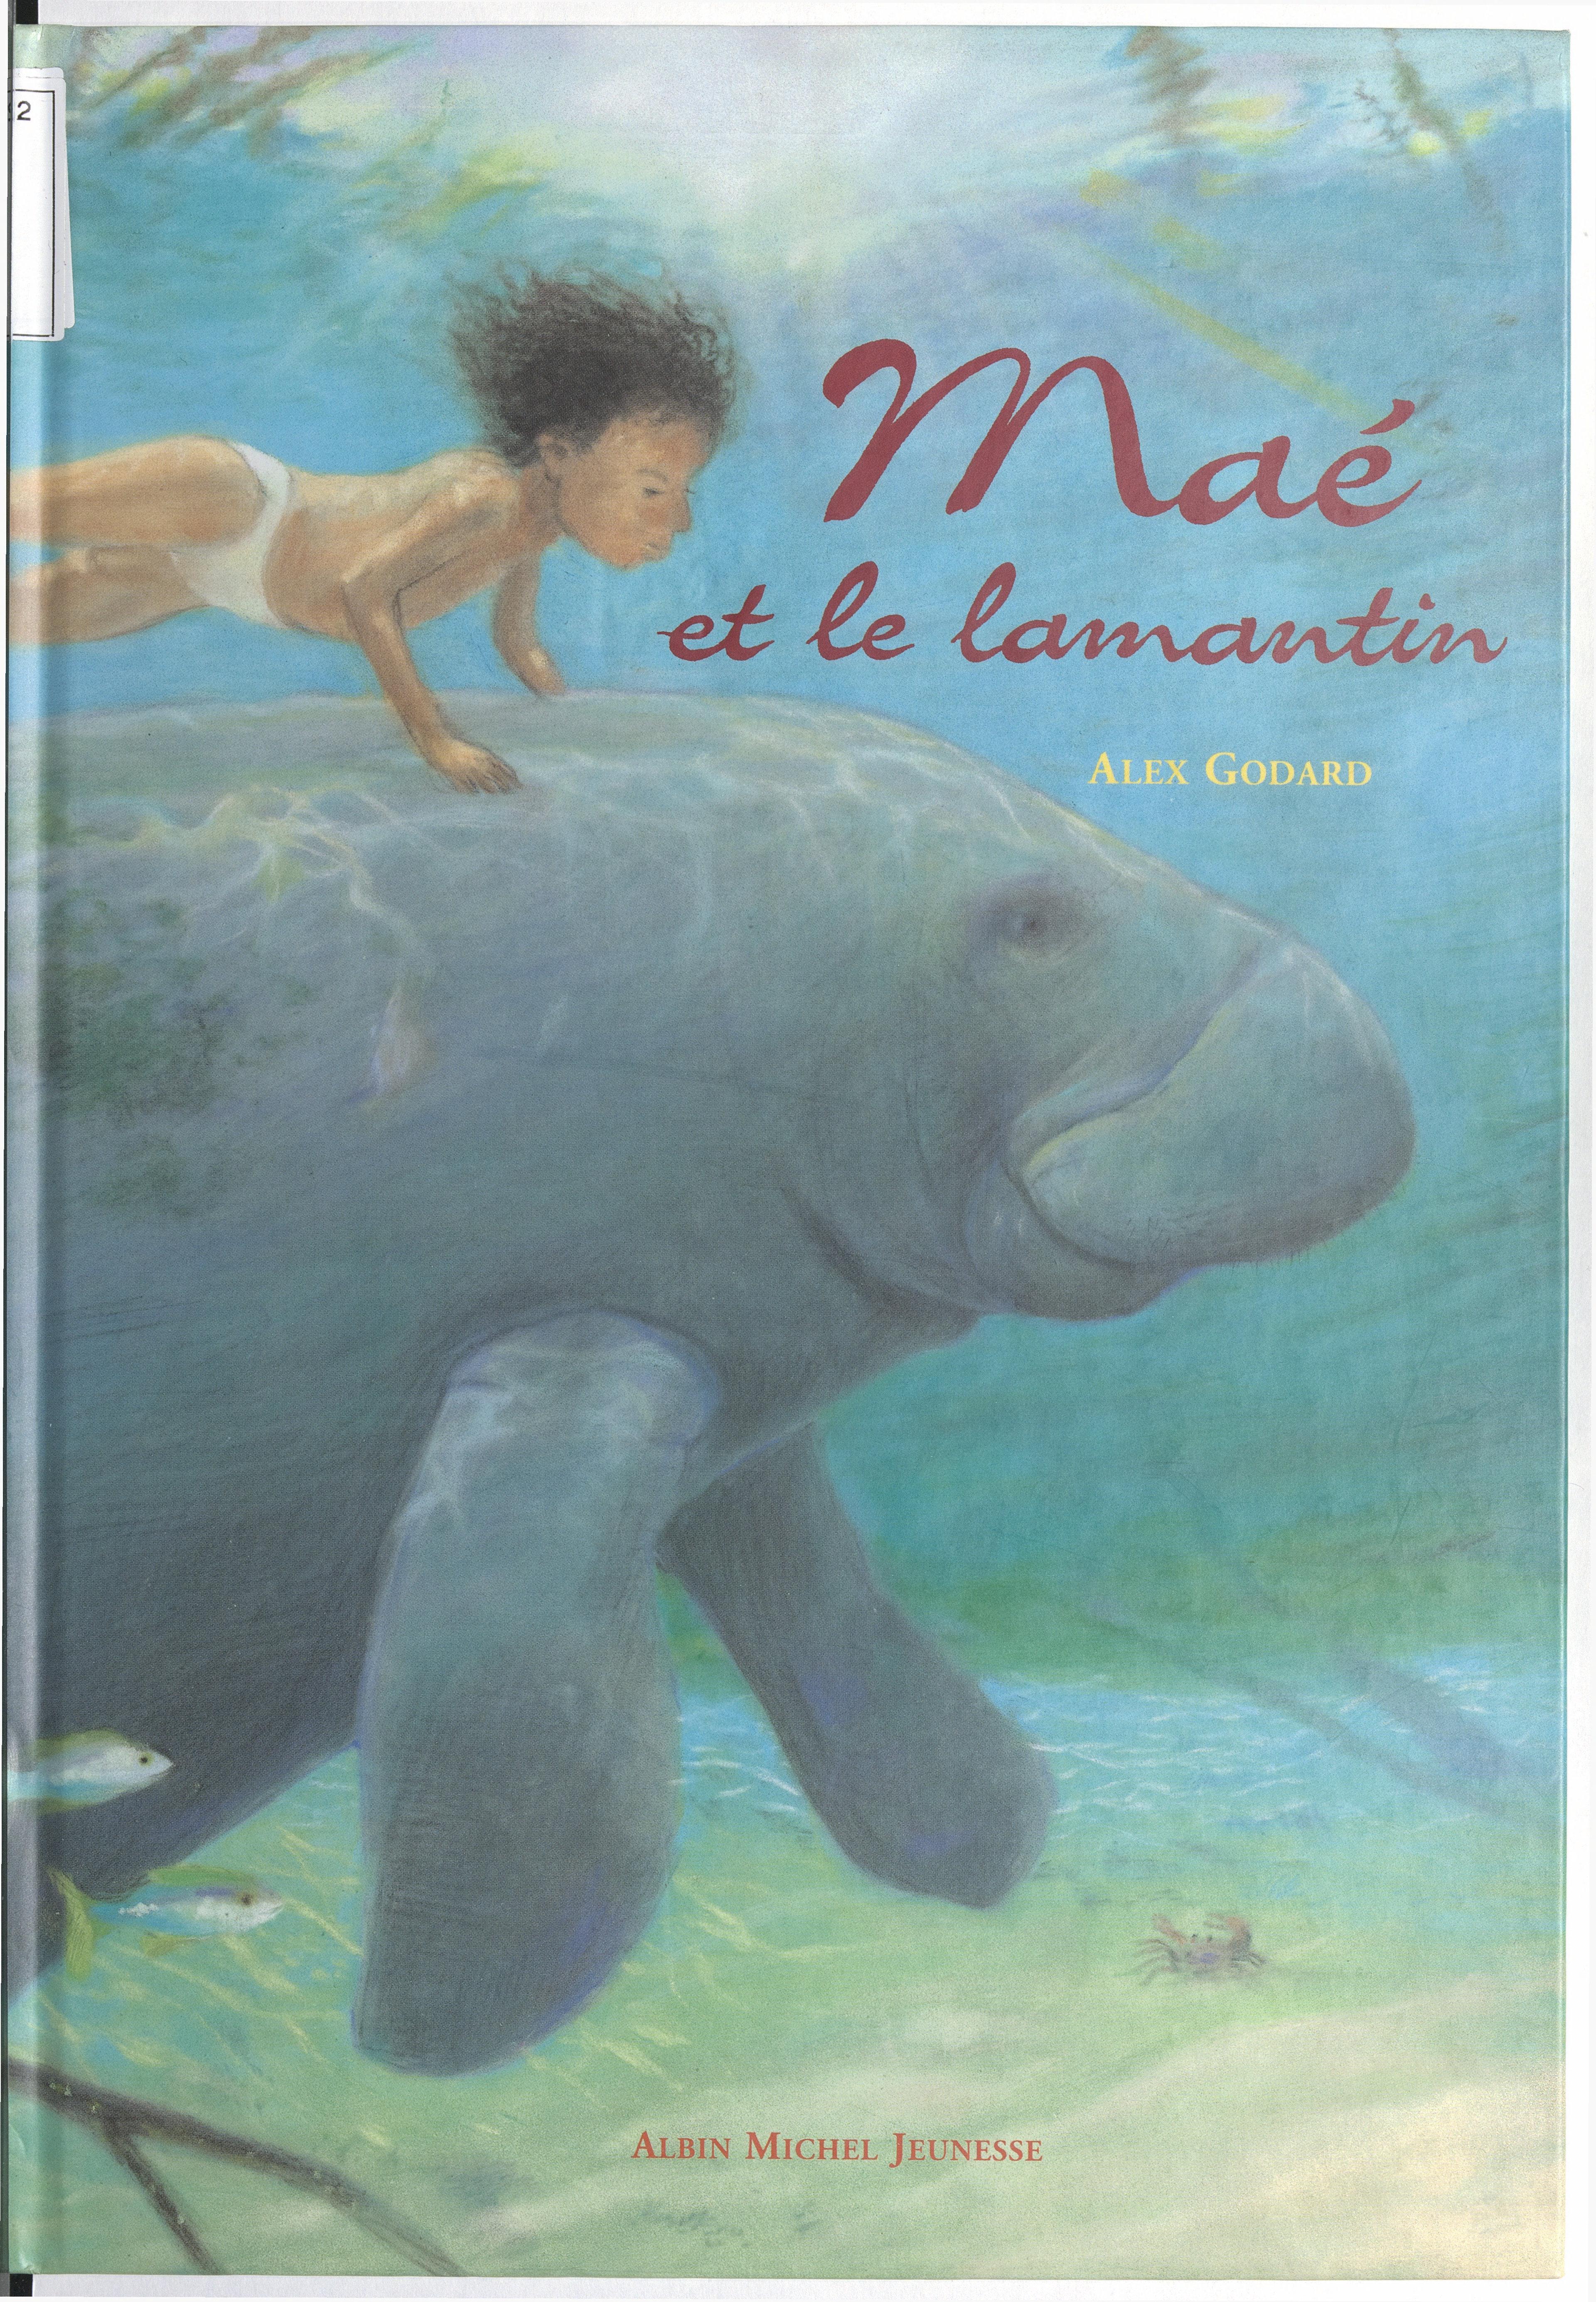 Maé et le lamantin